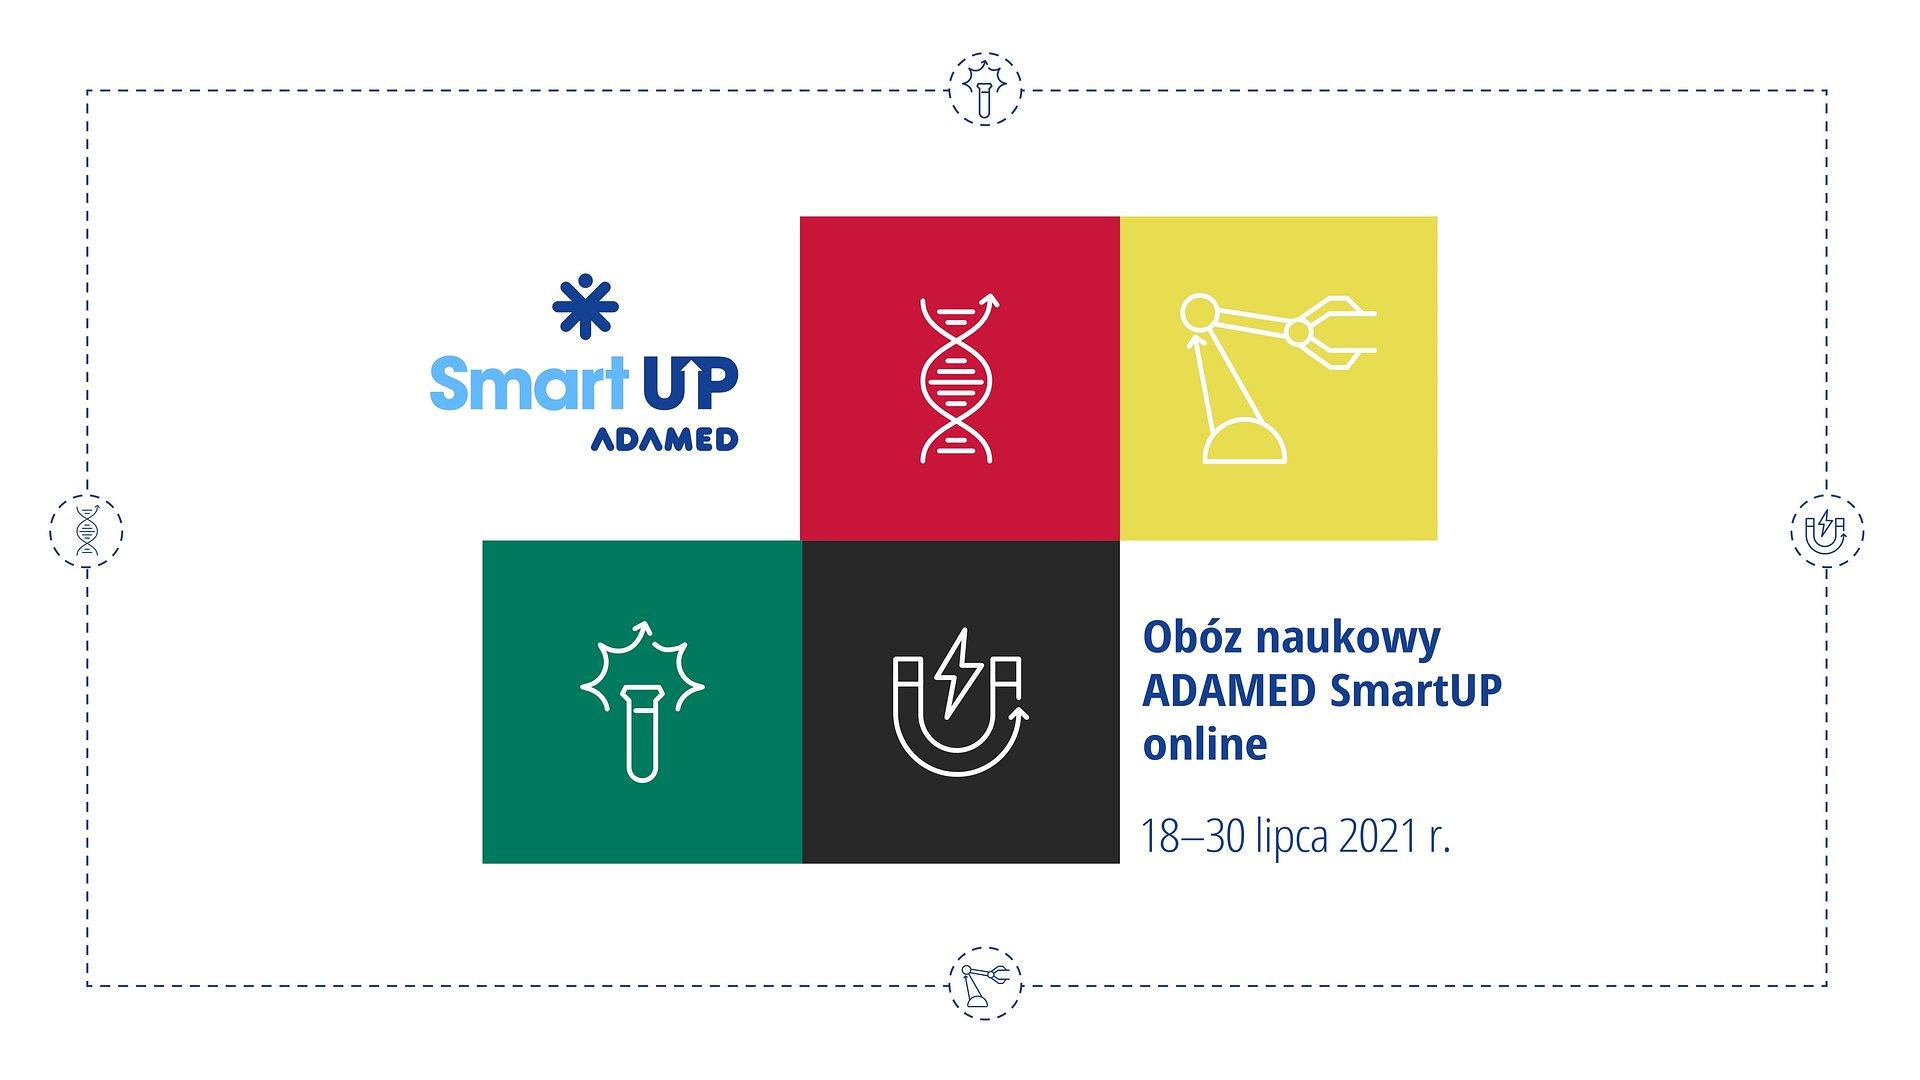 Inwestycja w młodzież – startuje innowacyjny obóz naukowydla uzdolnionych polskich nastolatków